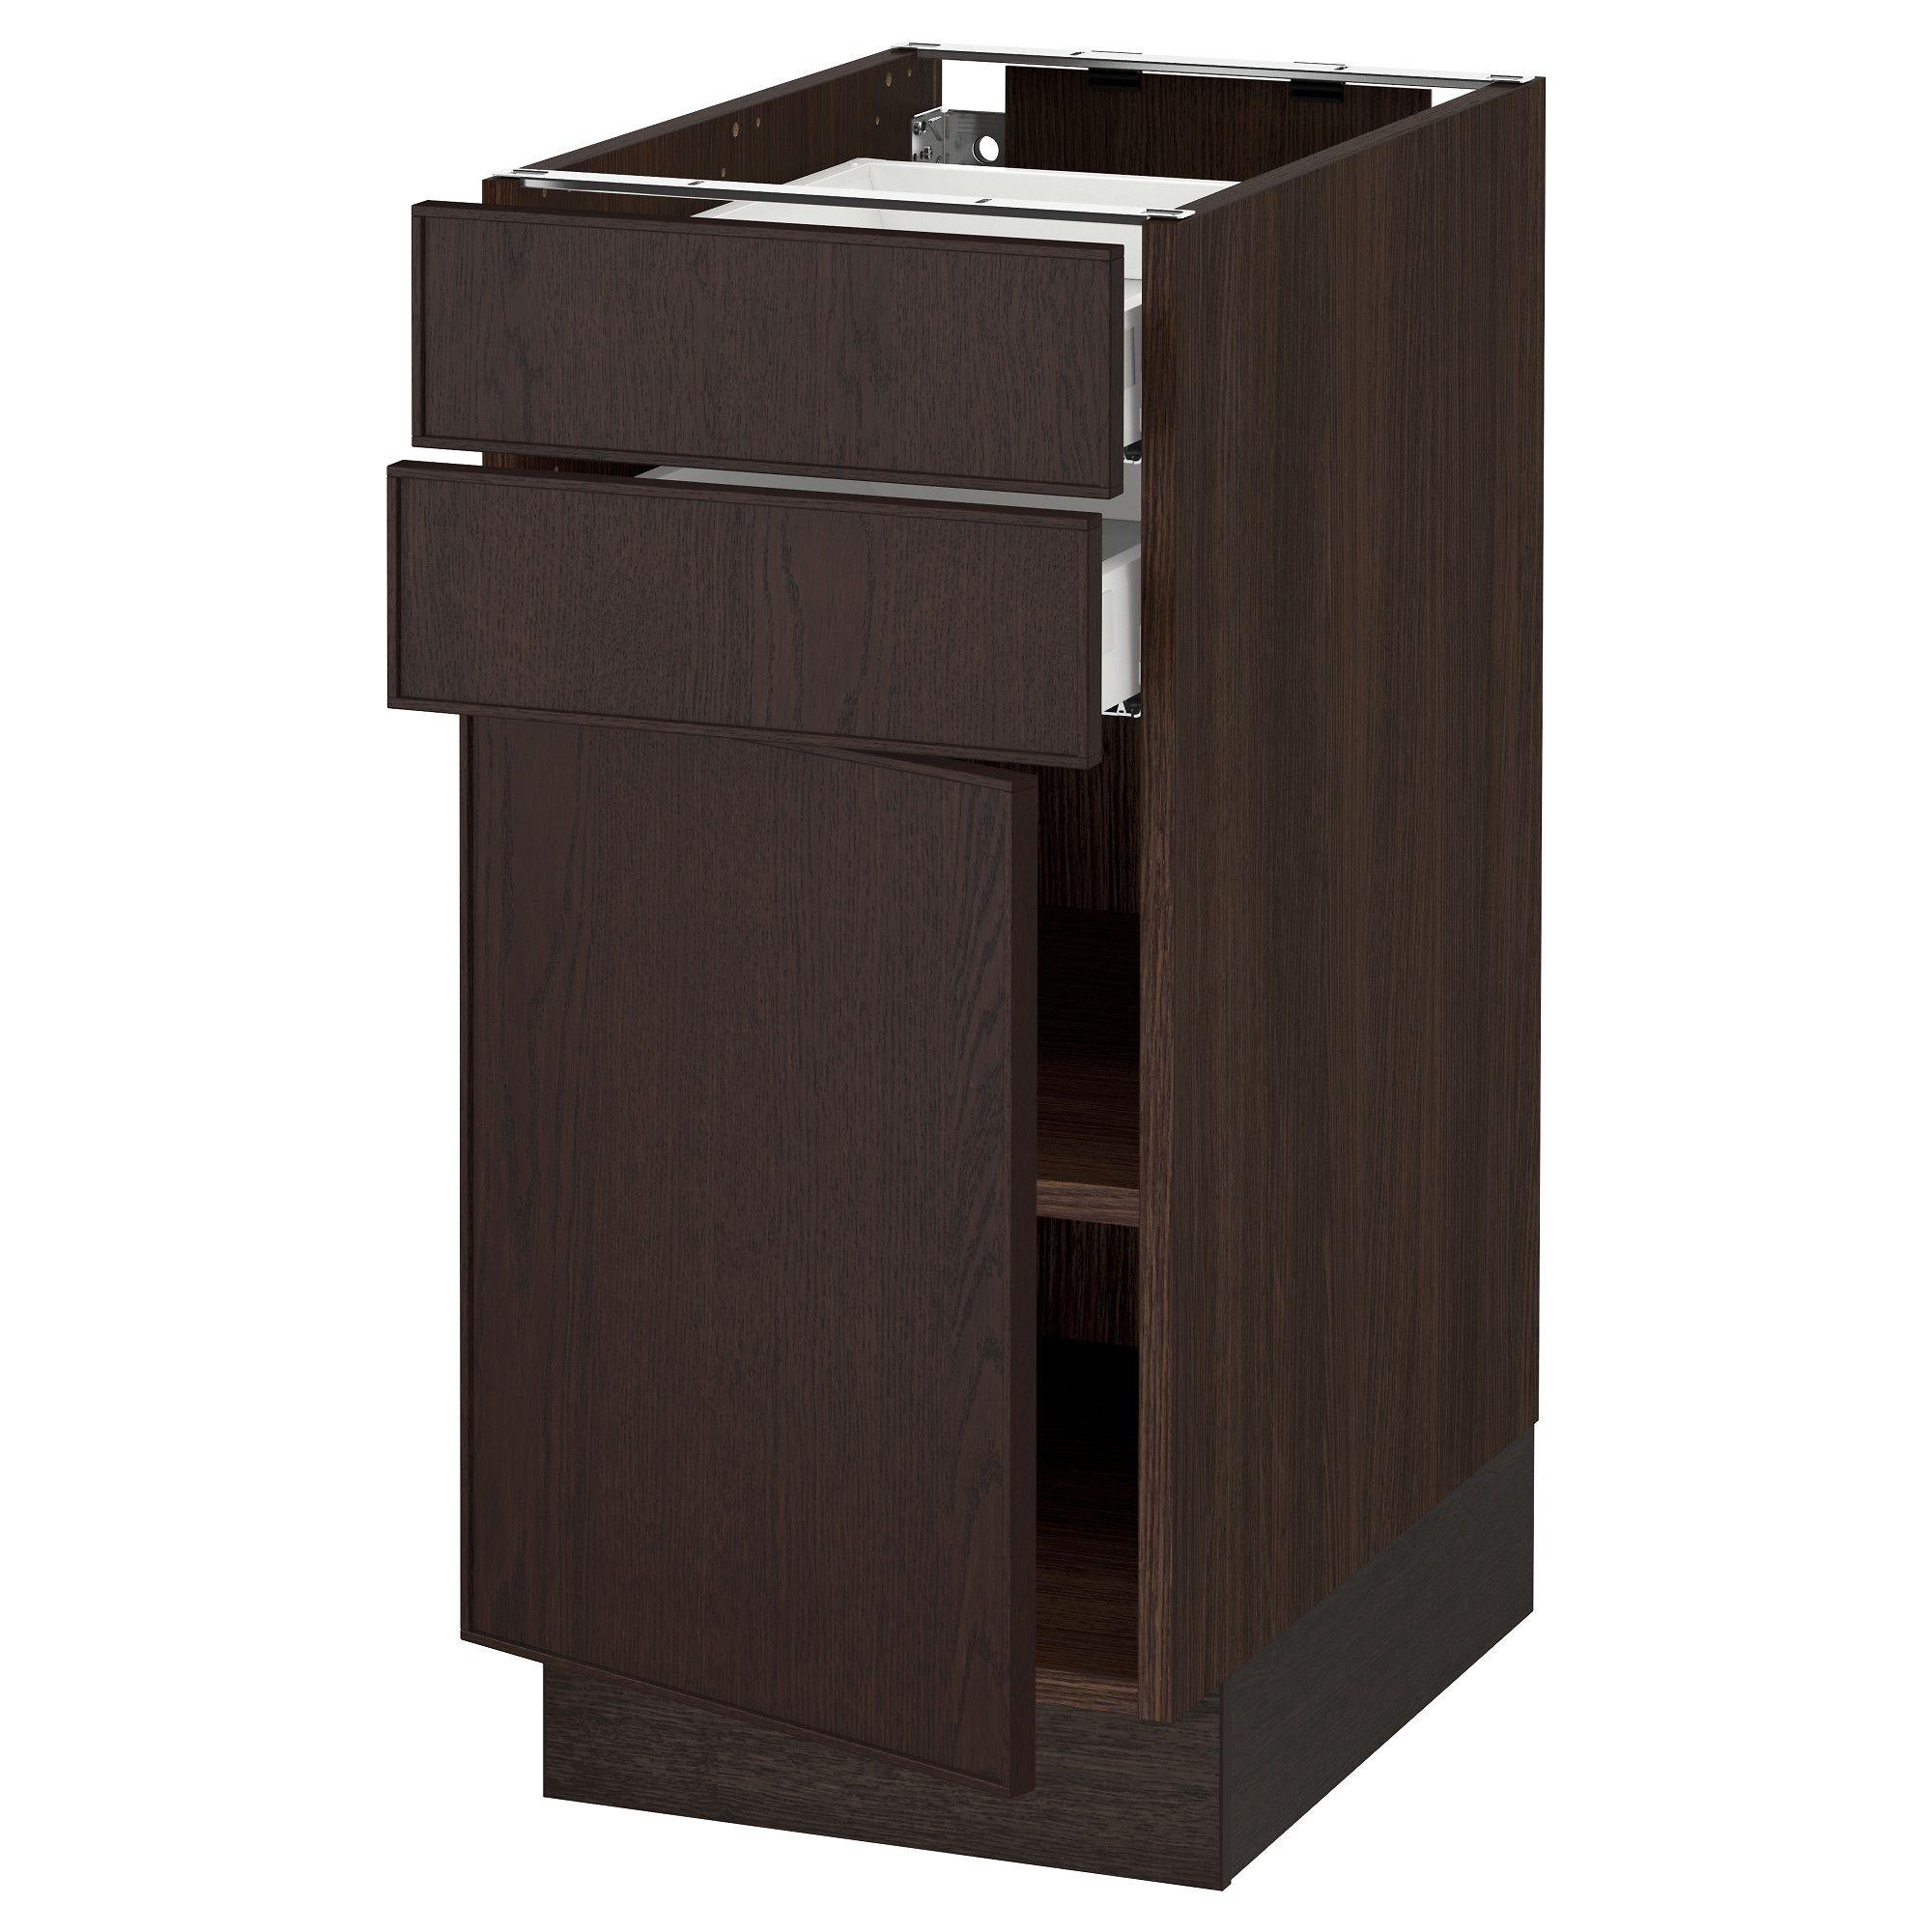 Furniture and Home Furnishings Base Ikea